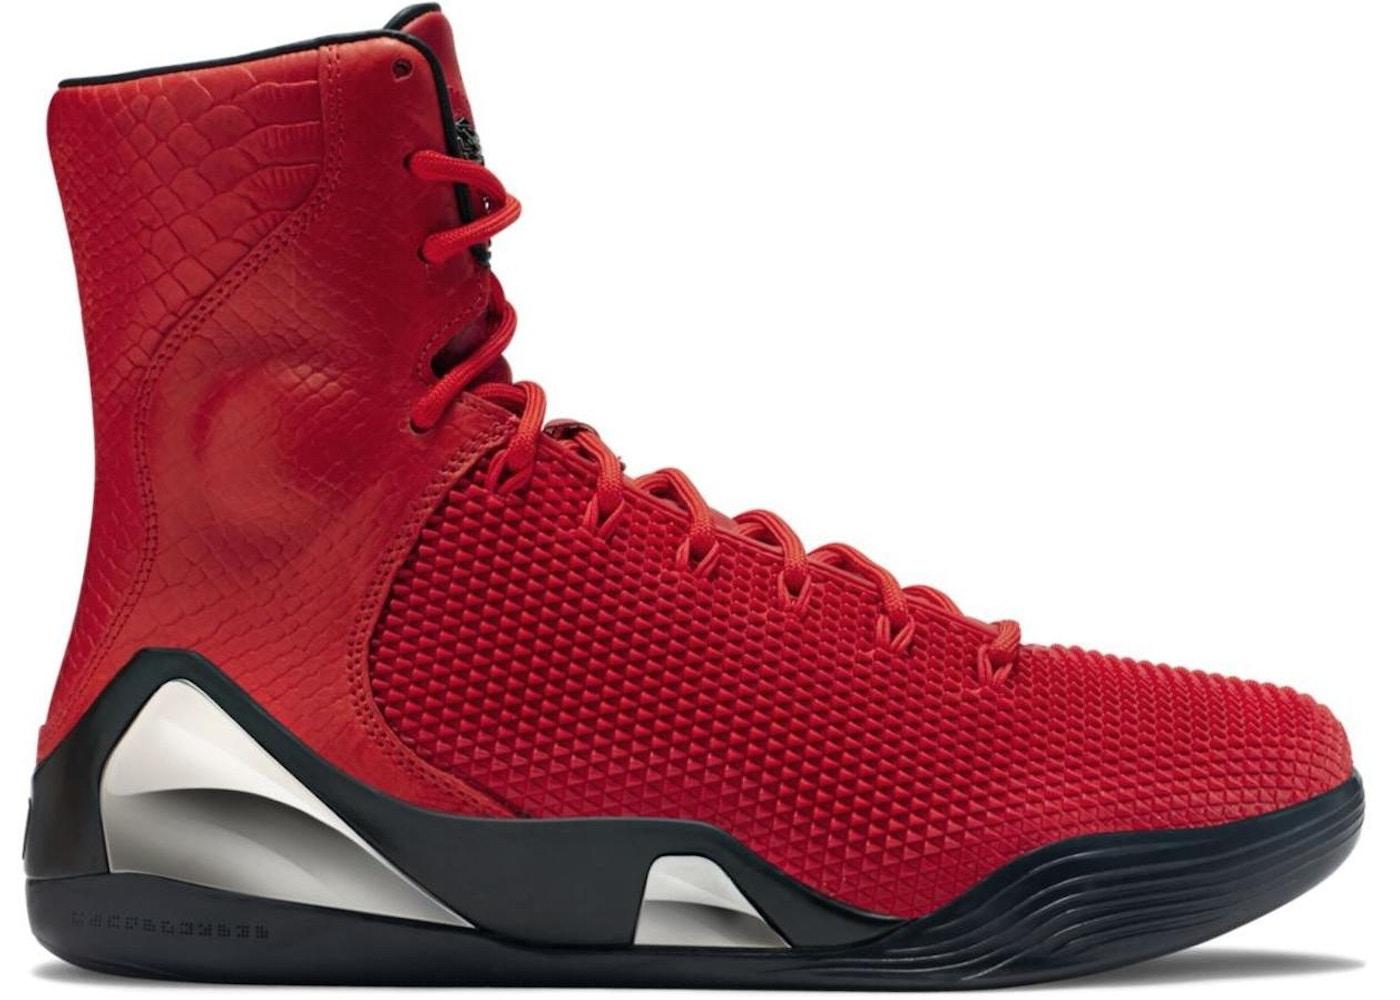 on sale 2b890 9c39b Buy Nike Kobe 9 Shoes & Deadstock Sneakers